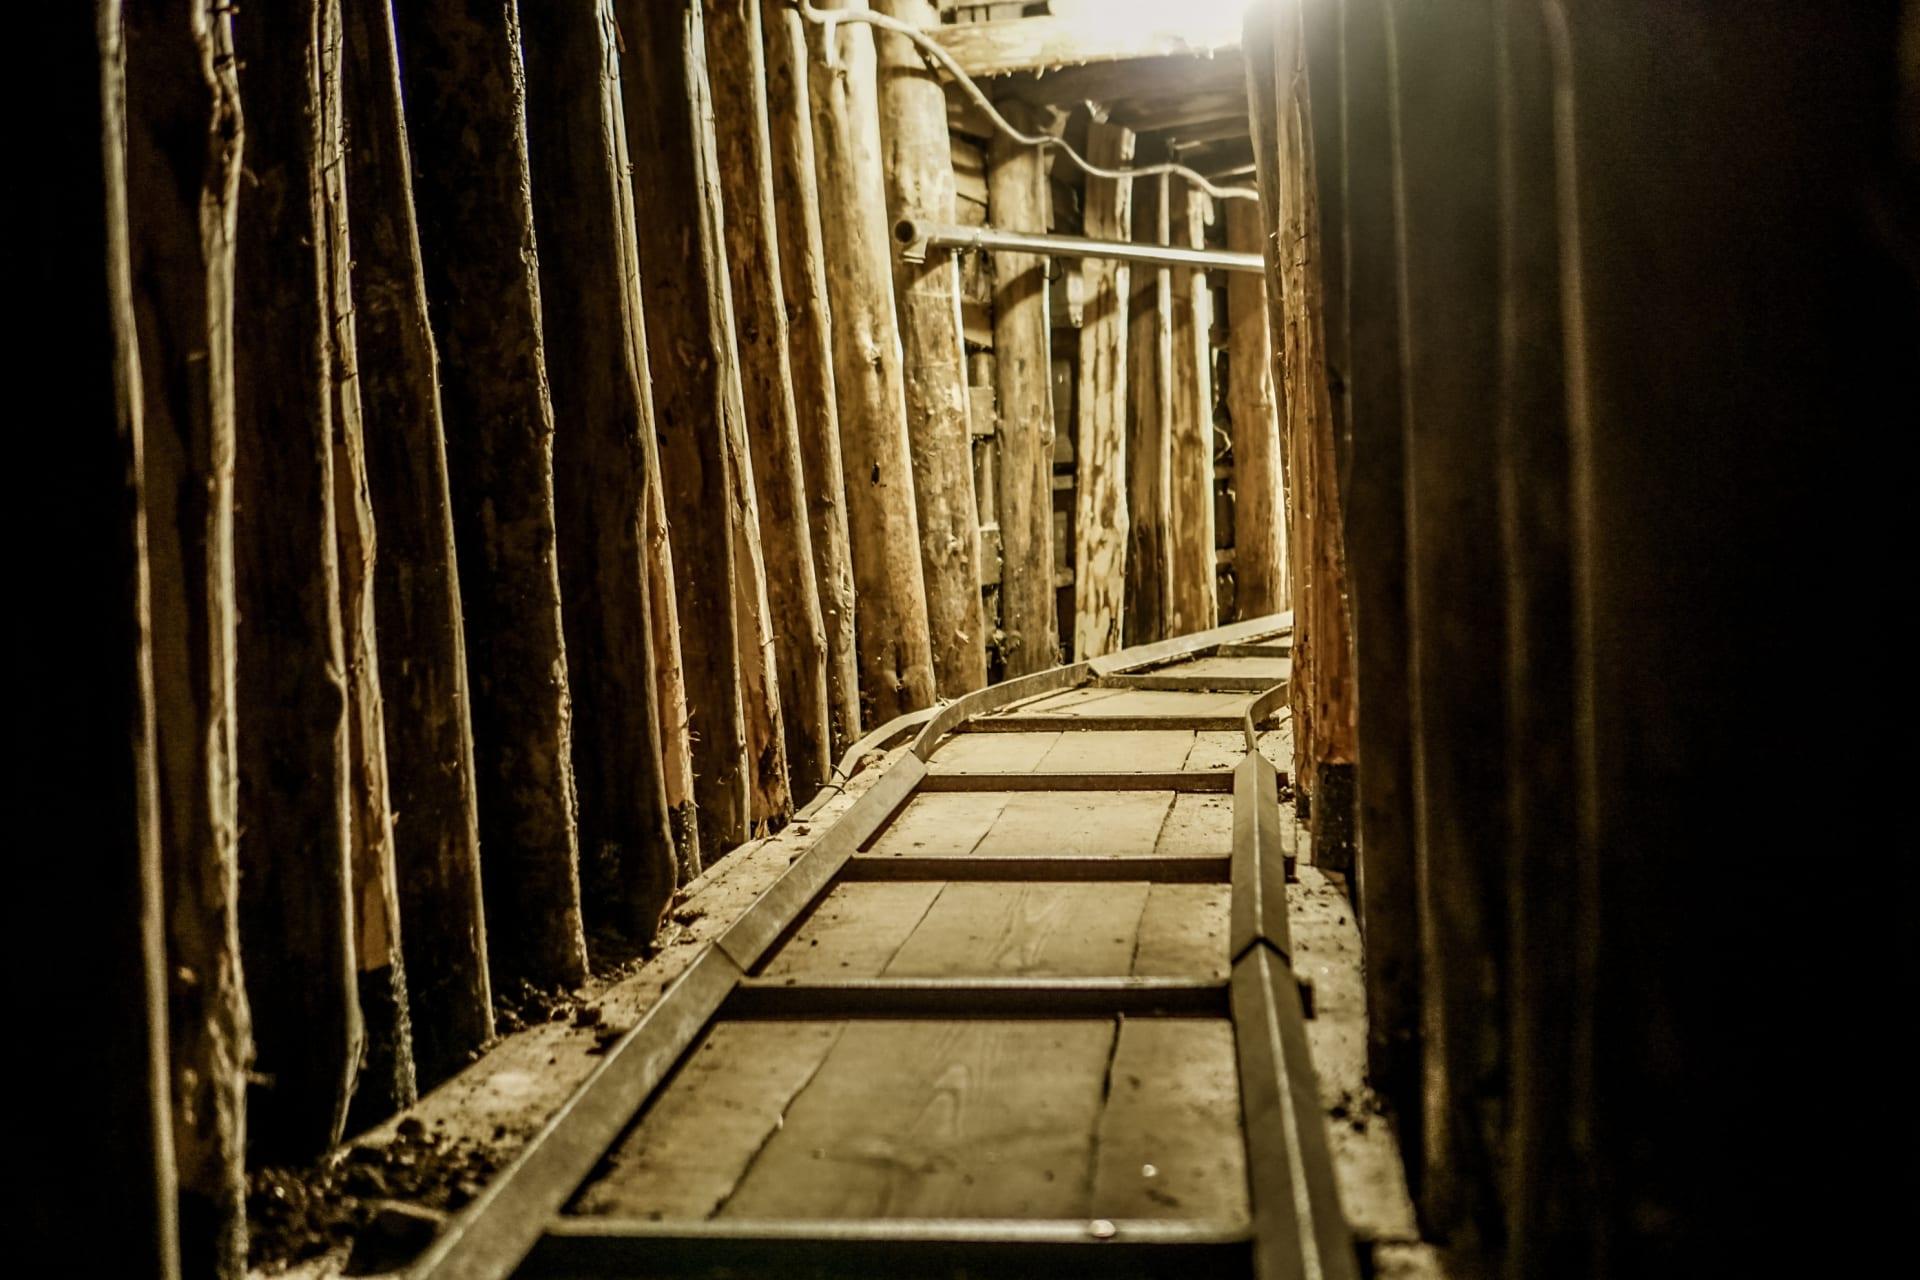 Sarajevo - Sarajevo War stories. Part three : The Tunnel of Hope